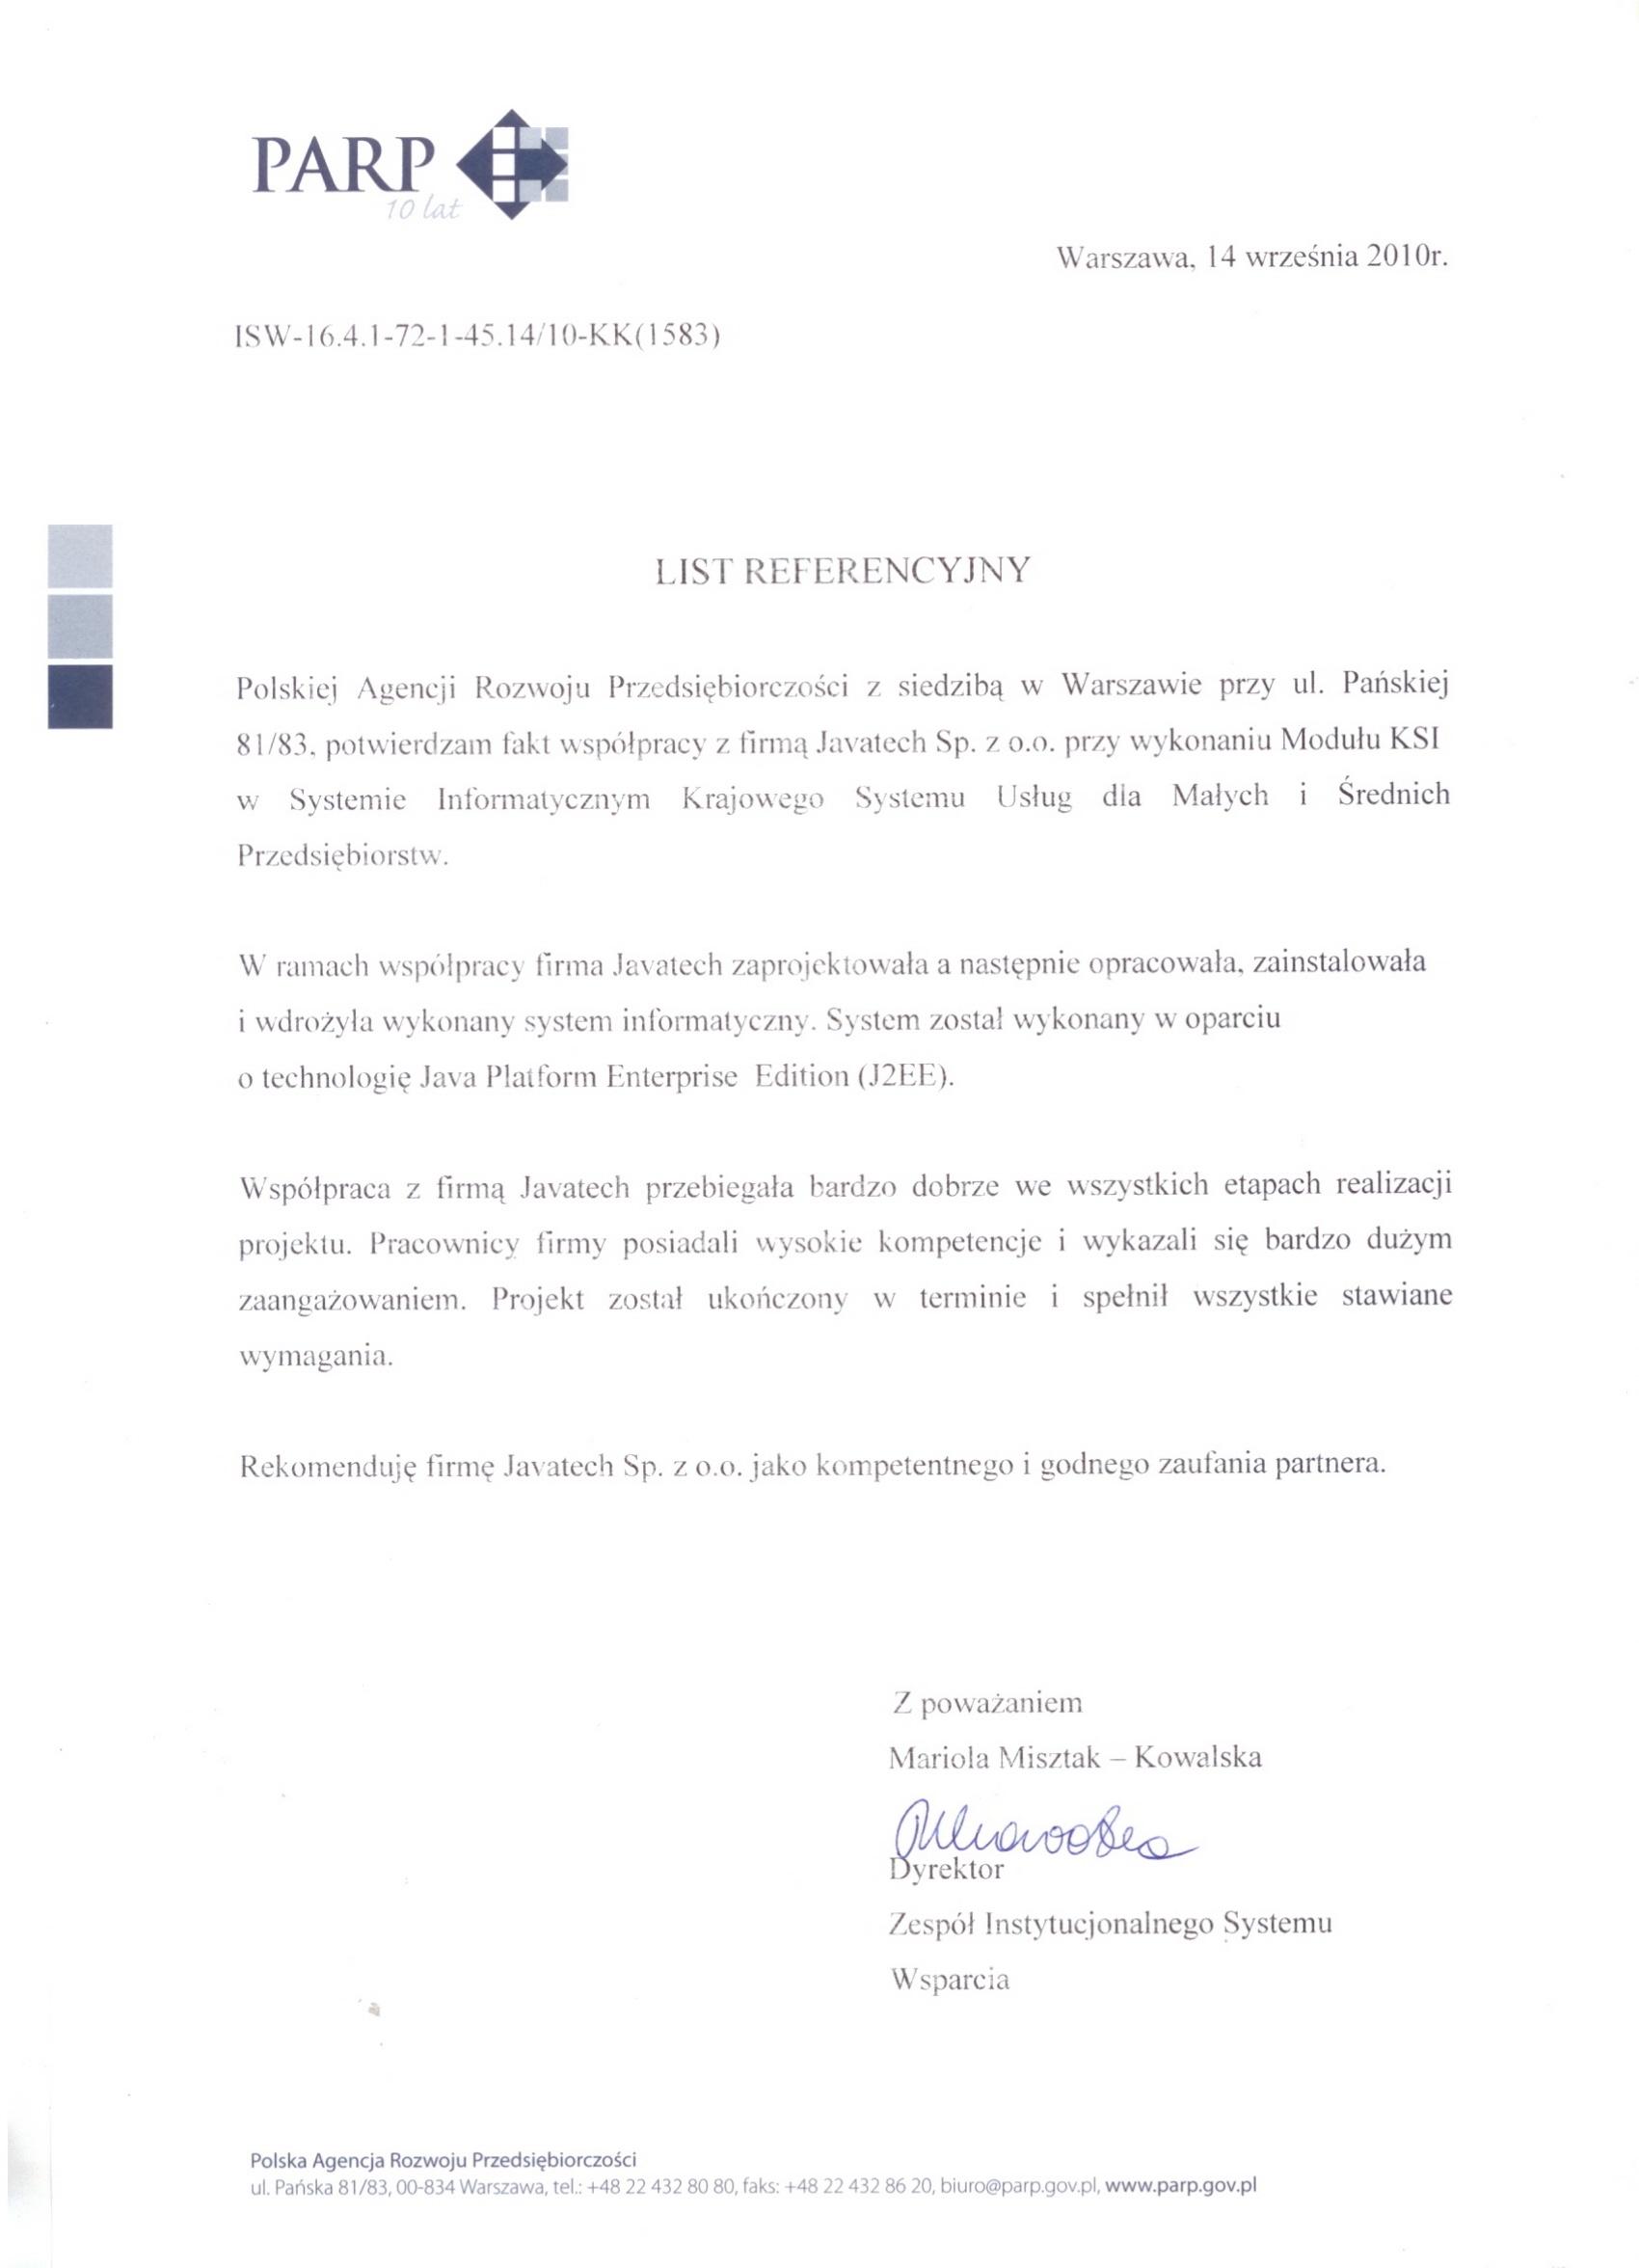 Polska Agencja Rozwoju Przedsiębiorczośc - Moduł KSI w SI KSU